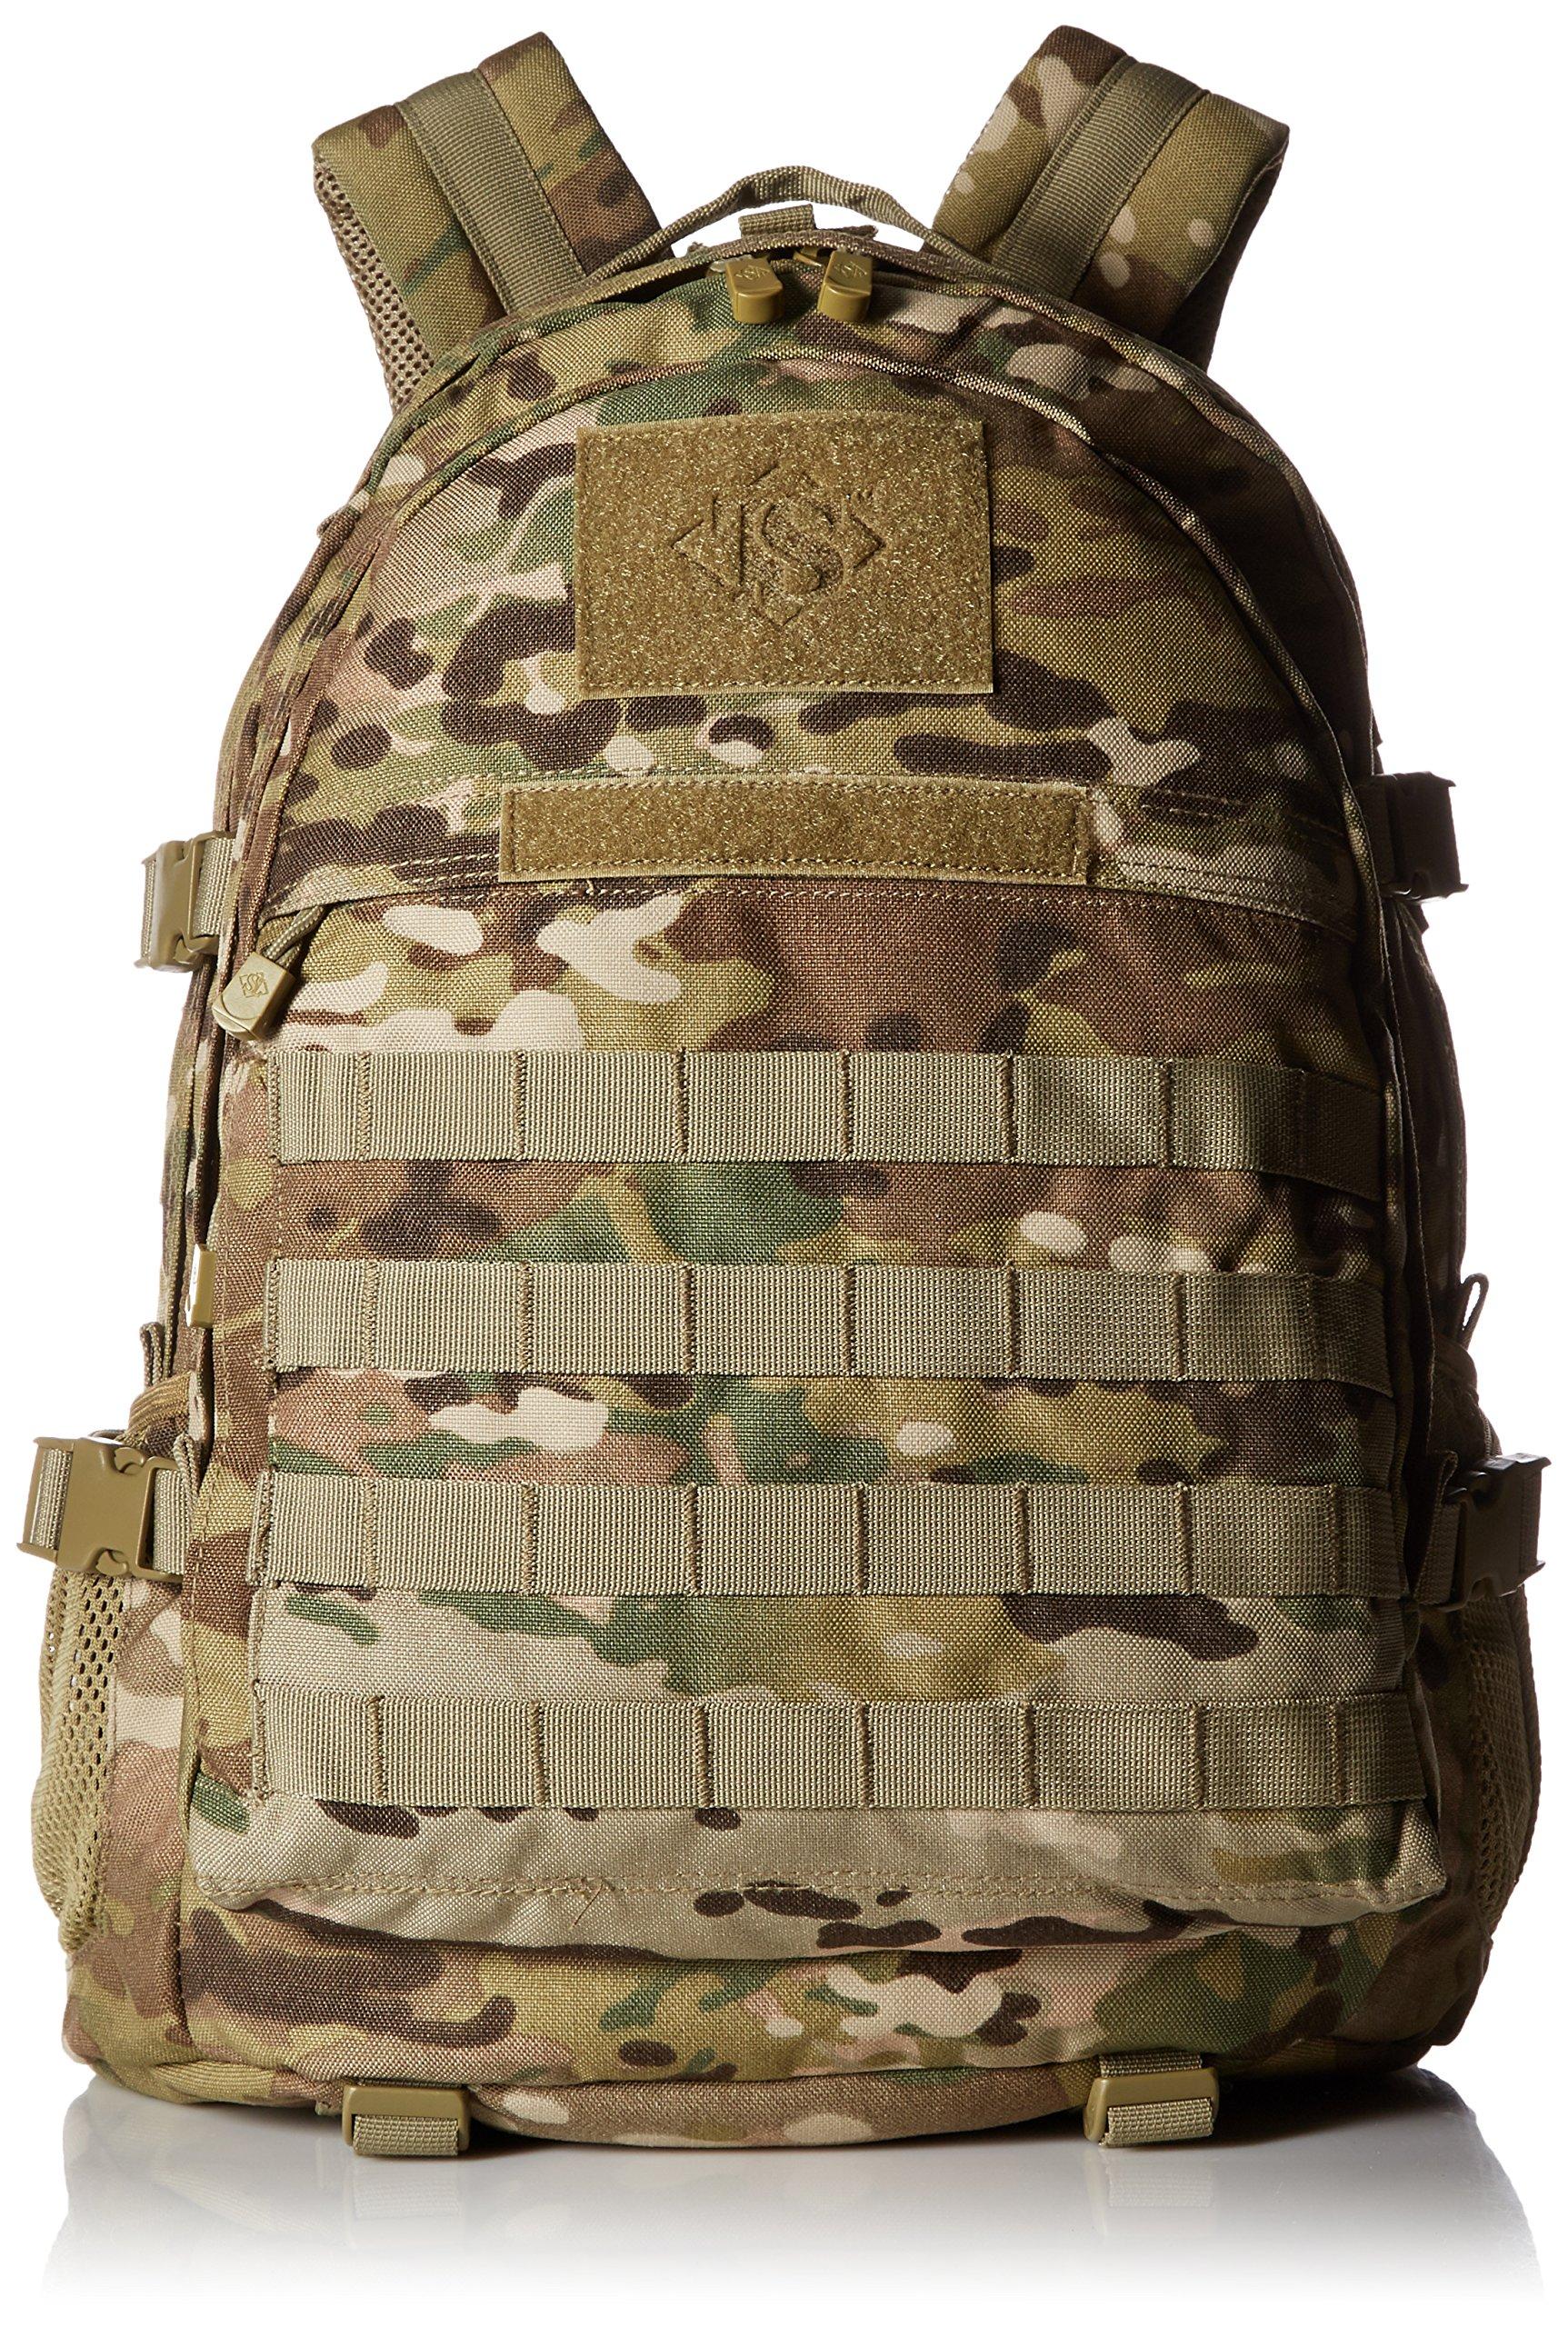 TRU-SPEC Elite 3 Day Camo Backpack, Muliticam, One Size